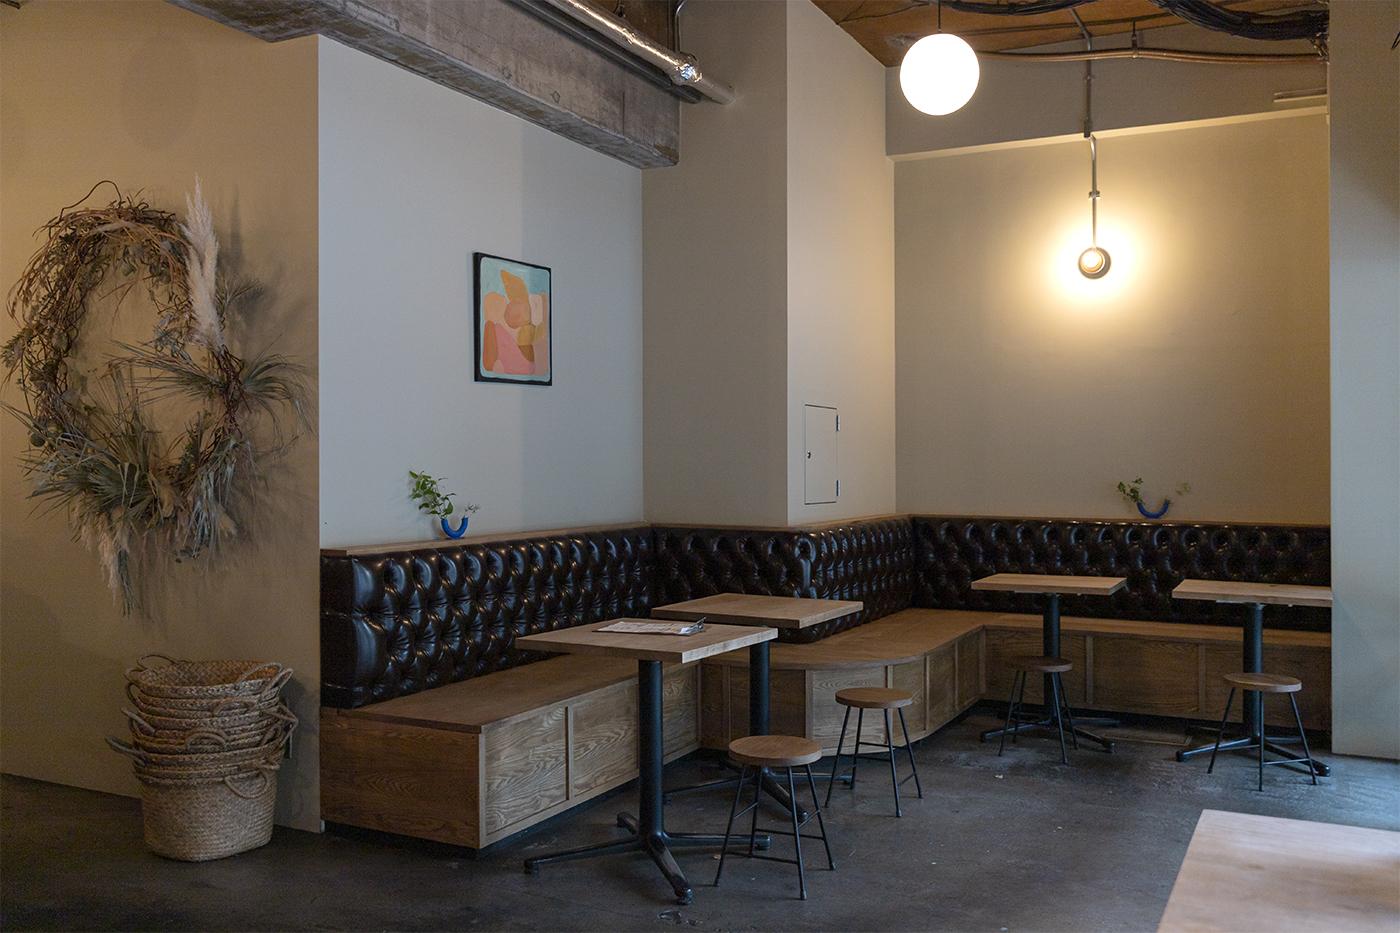 2019年にオープンしたカフェ「HEY」の店内の様子。革と木でできた長ベンチが素敵な雰囲気